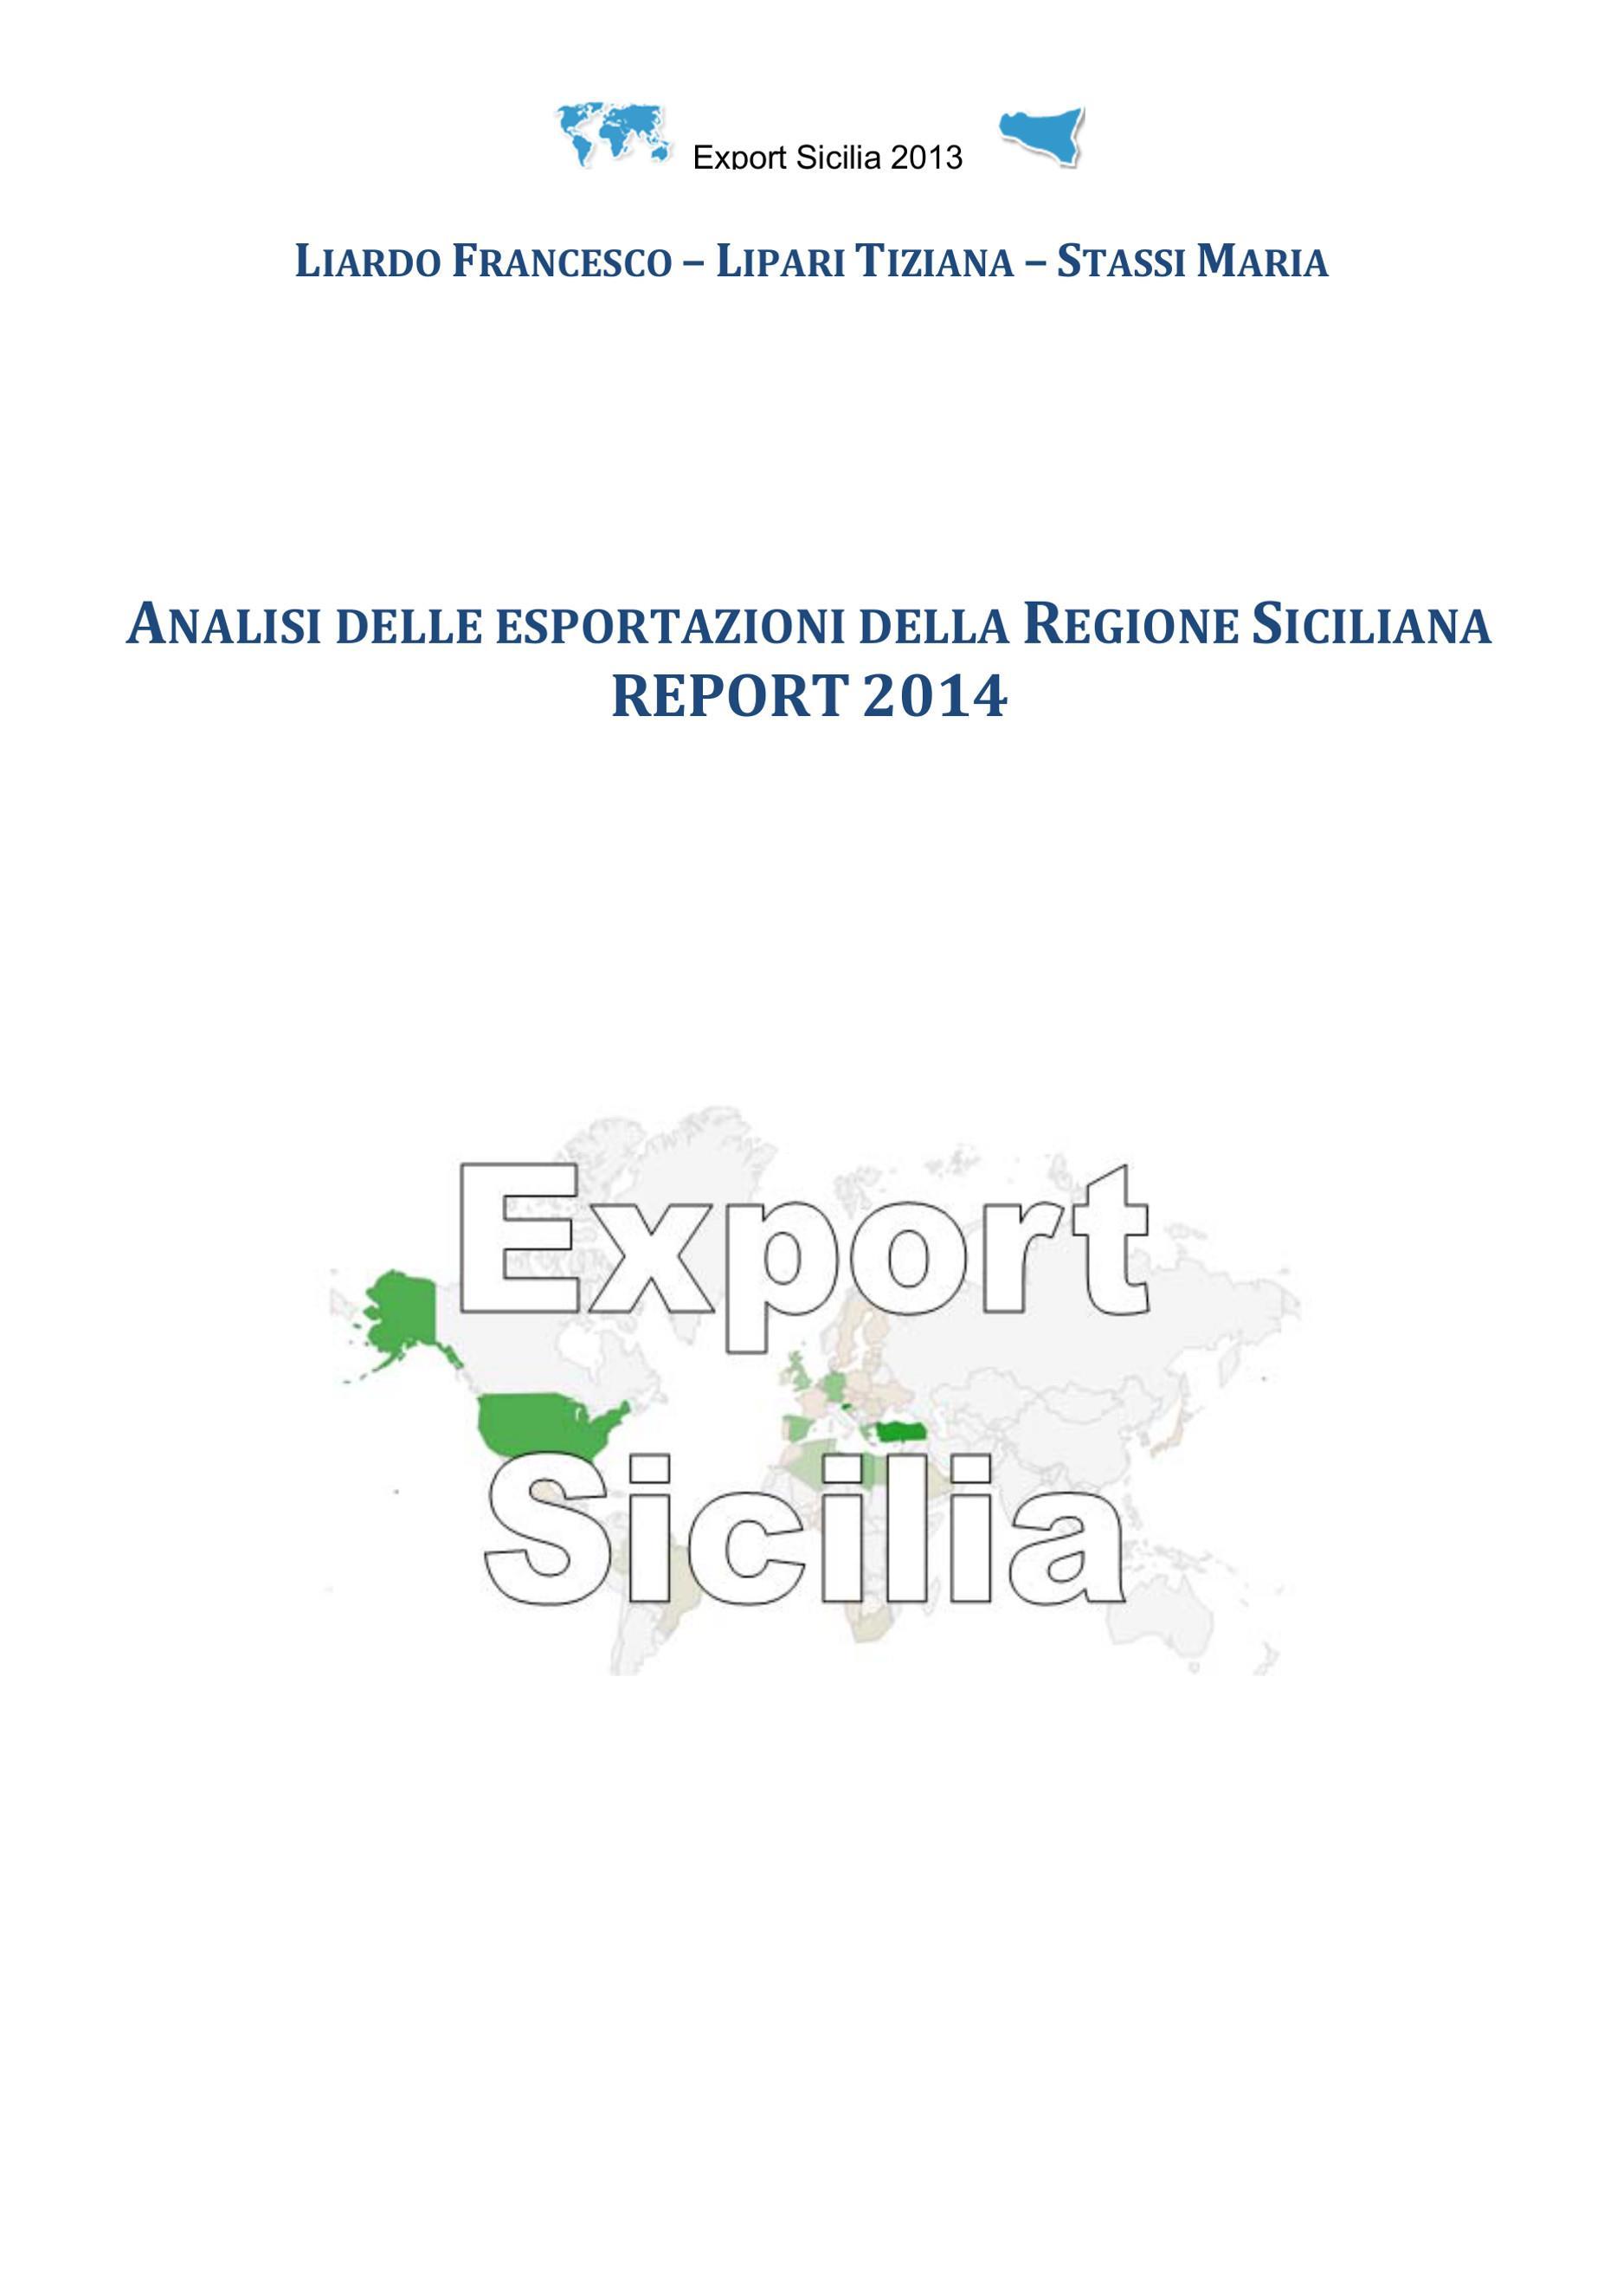 Analisi delle esportazioni della Regione Siciliana report 2014